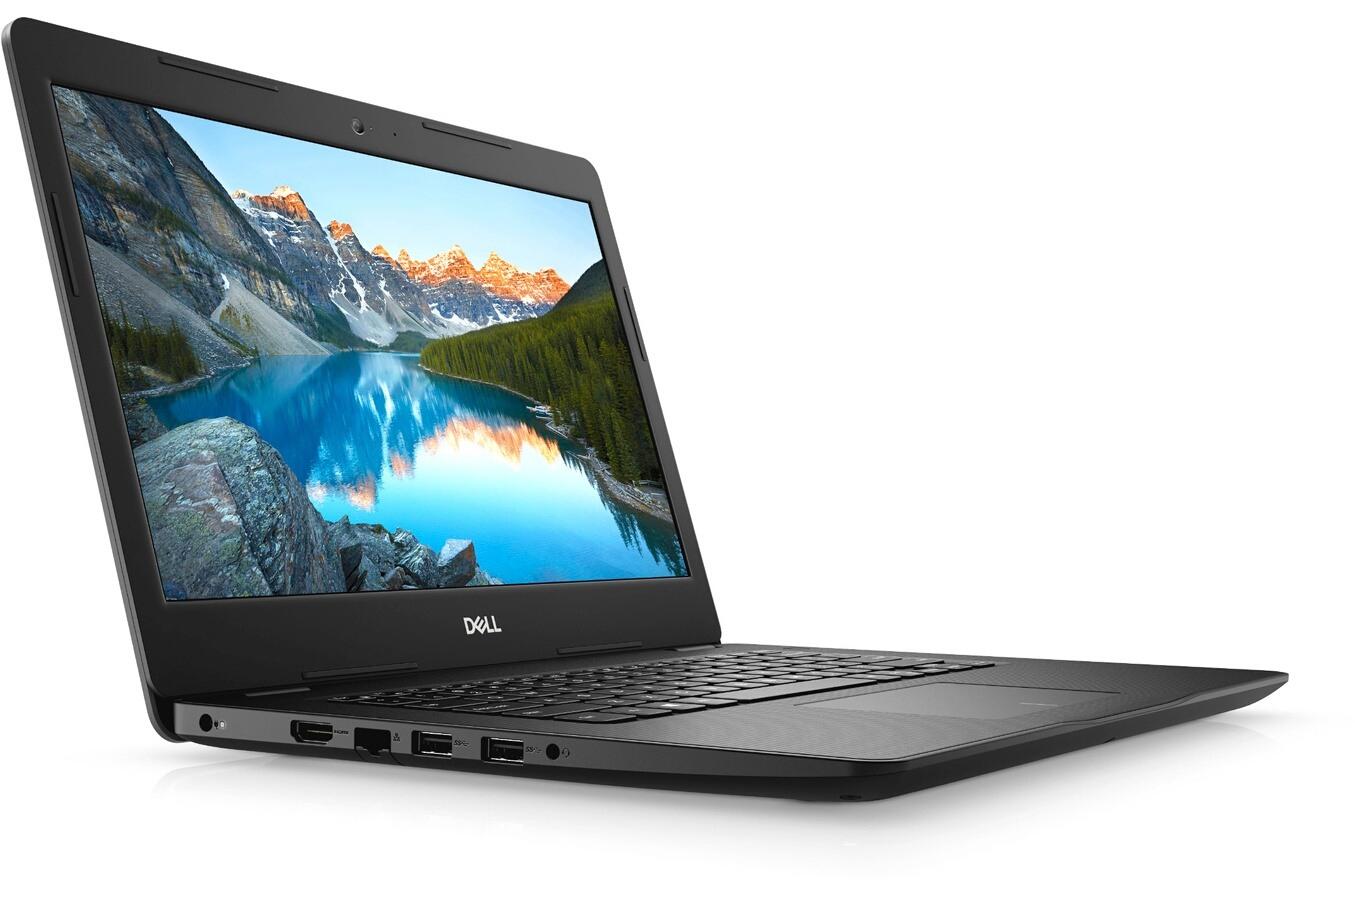 """PC Portable 14"""" Dell Inspiron 14 3481 8M2T2 - Full HD, i3-7020U, RAM 8Go, SSD 512Go, Windows 10"""